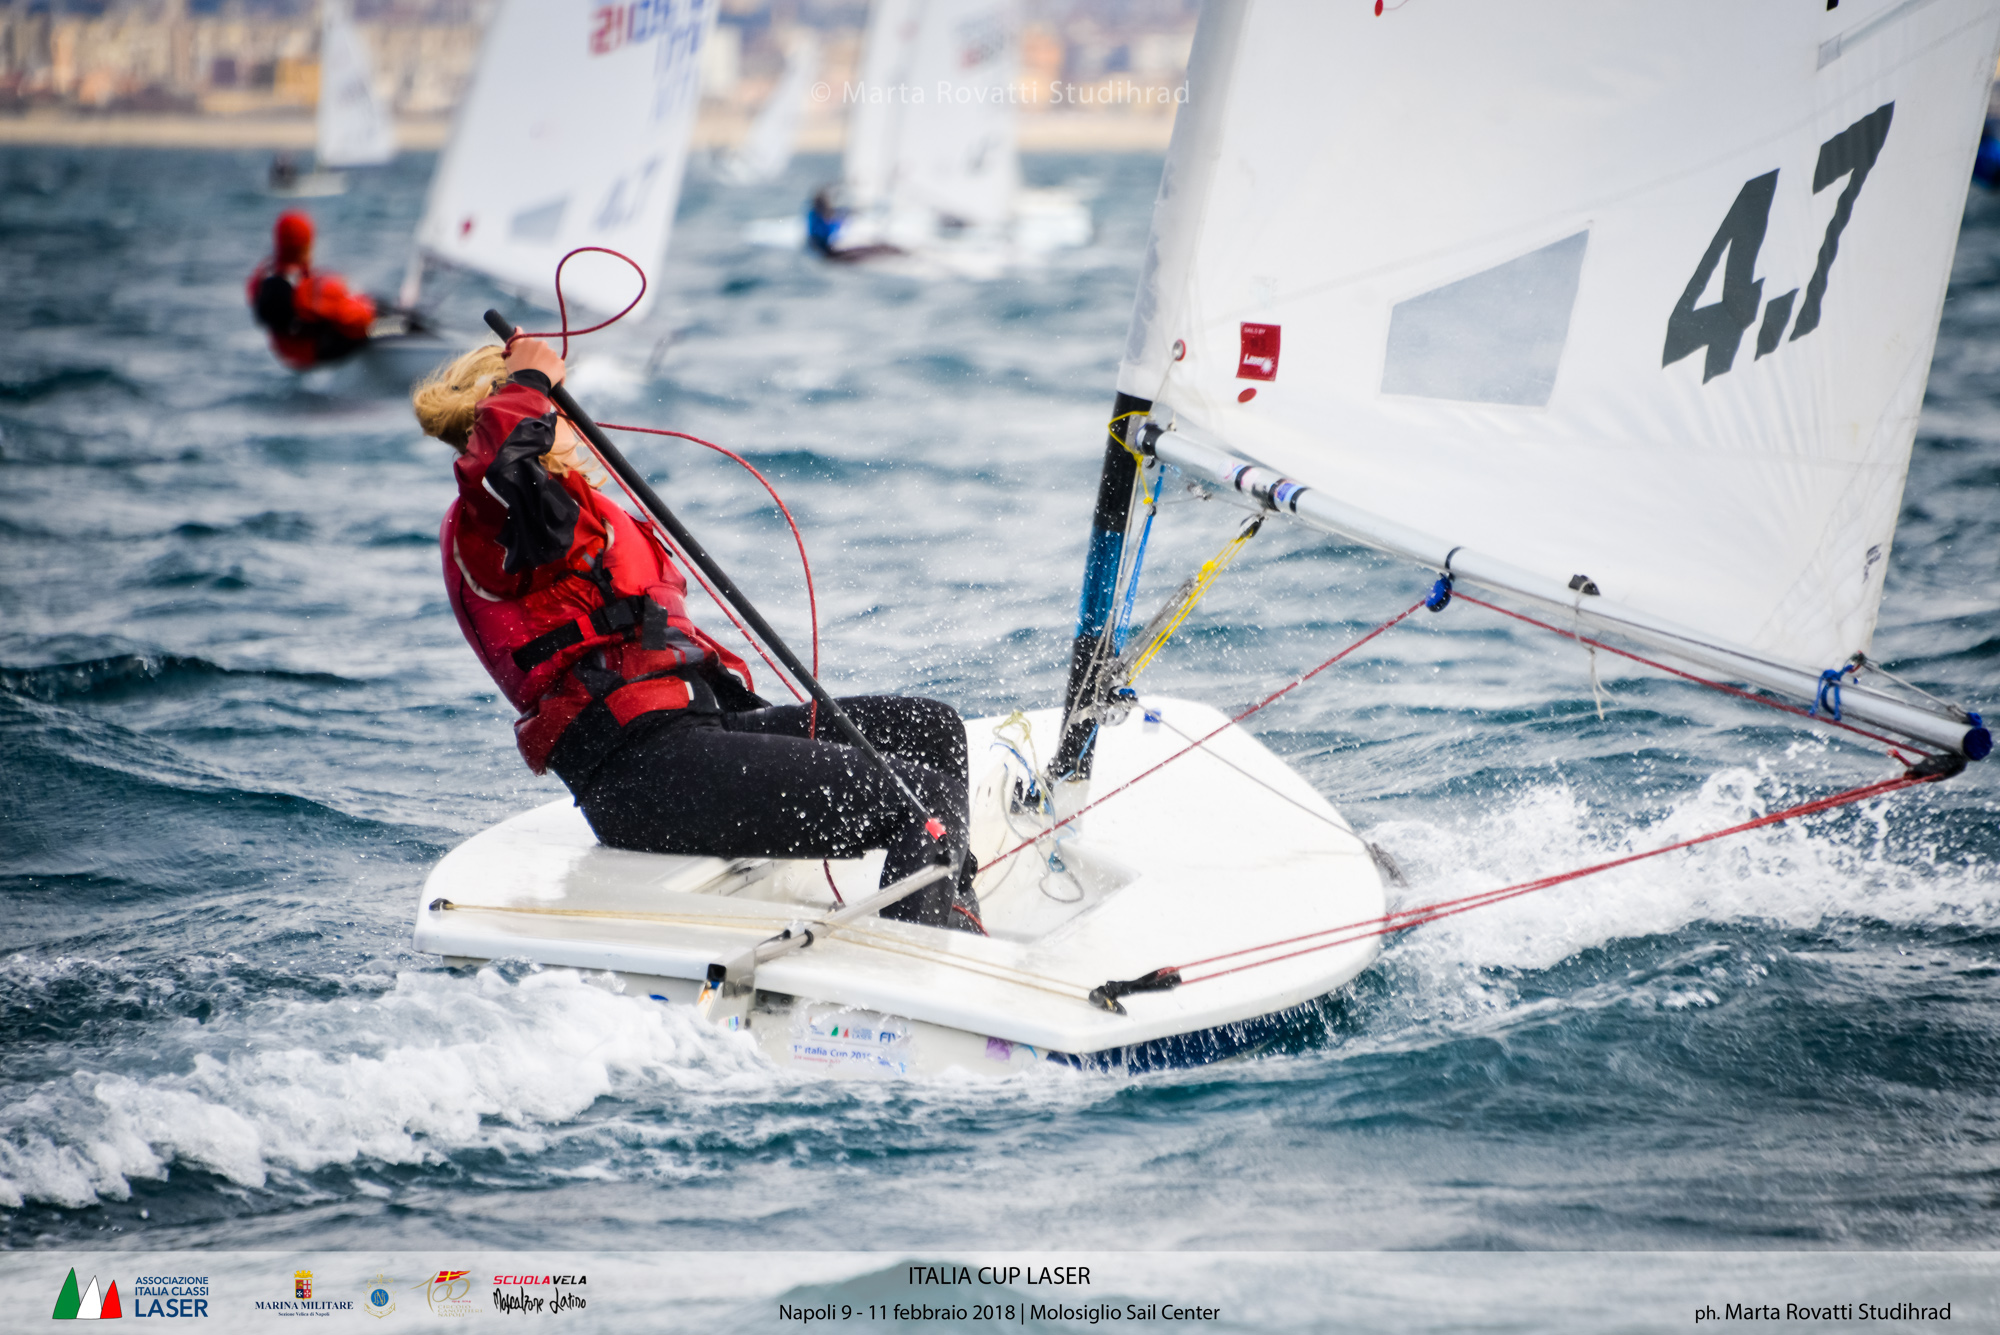 Associazione-Italia-Classi-Laser-2018-NapoliMGR_1508